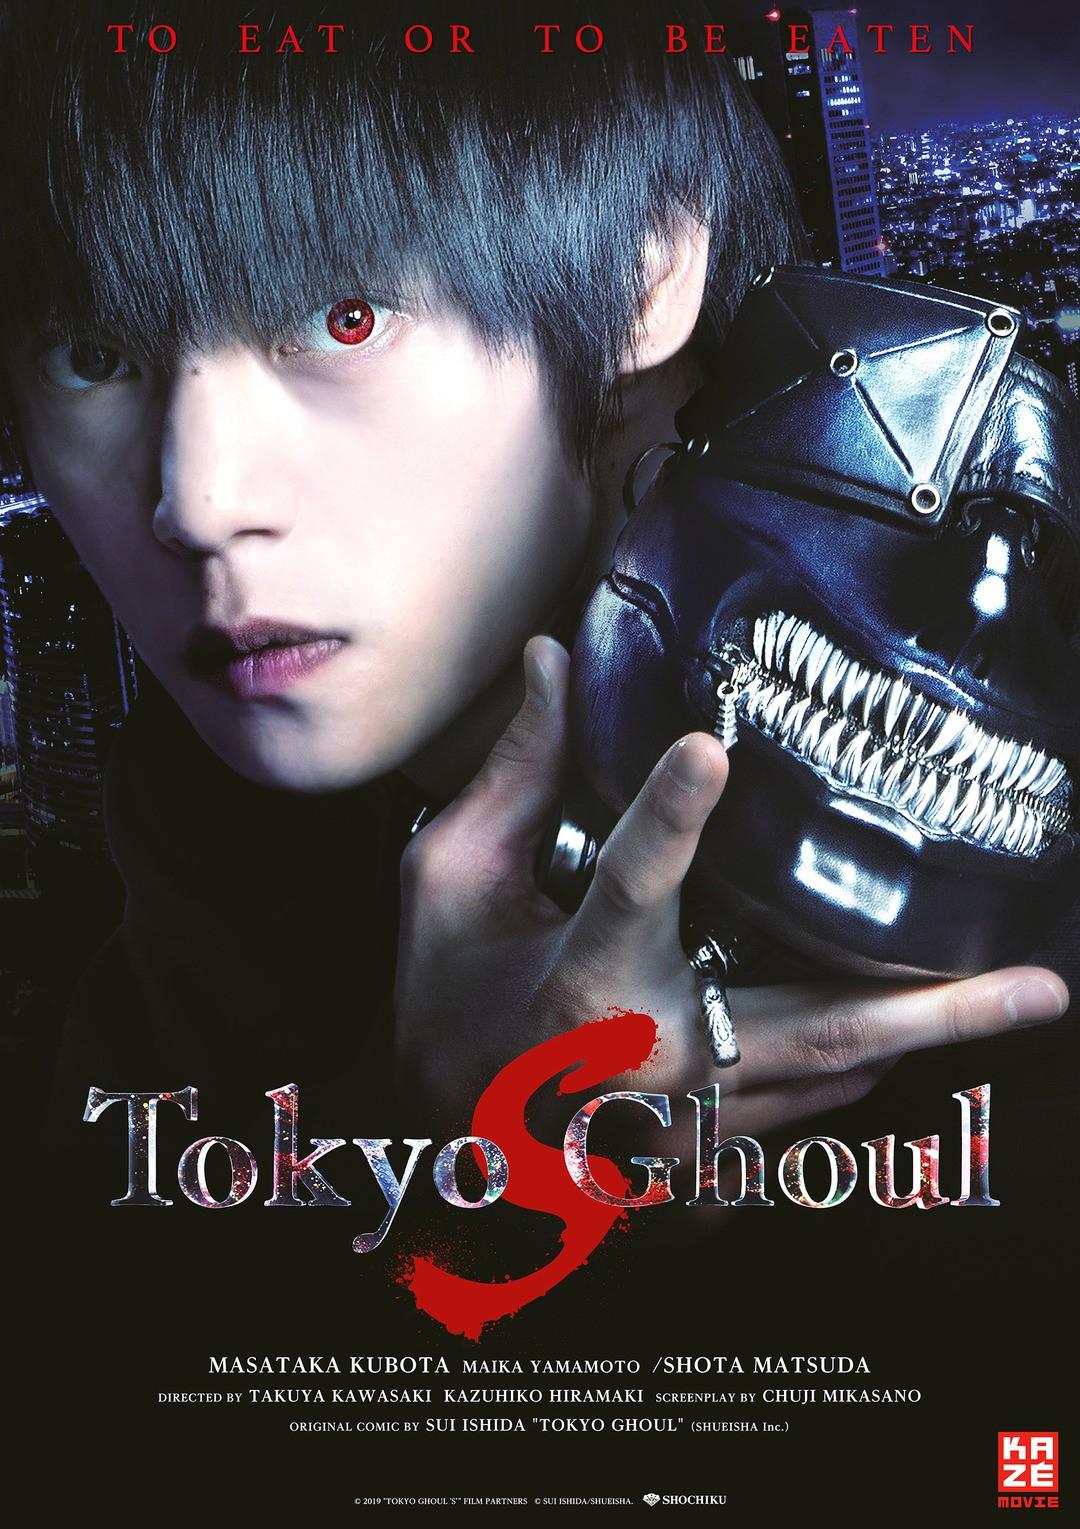 Tokyo Ghoul [S] als virtuelles Kino-Event am 28. April 2020 - Bild 1 von 11